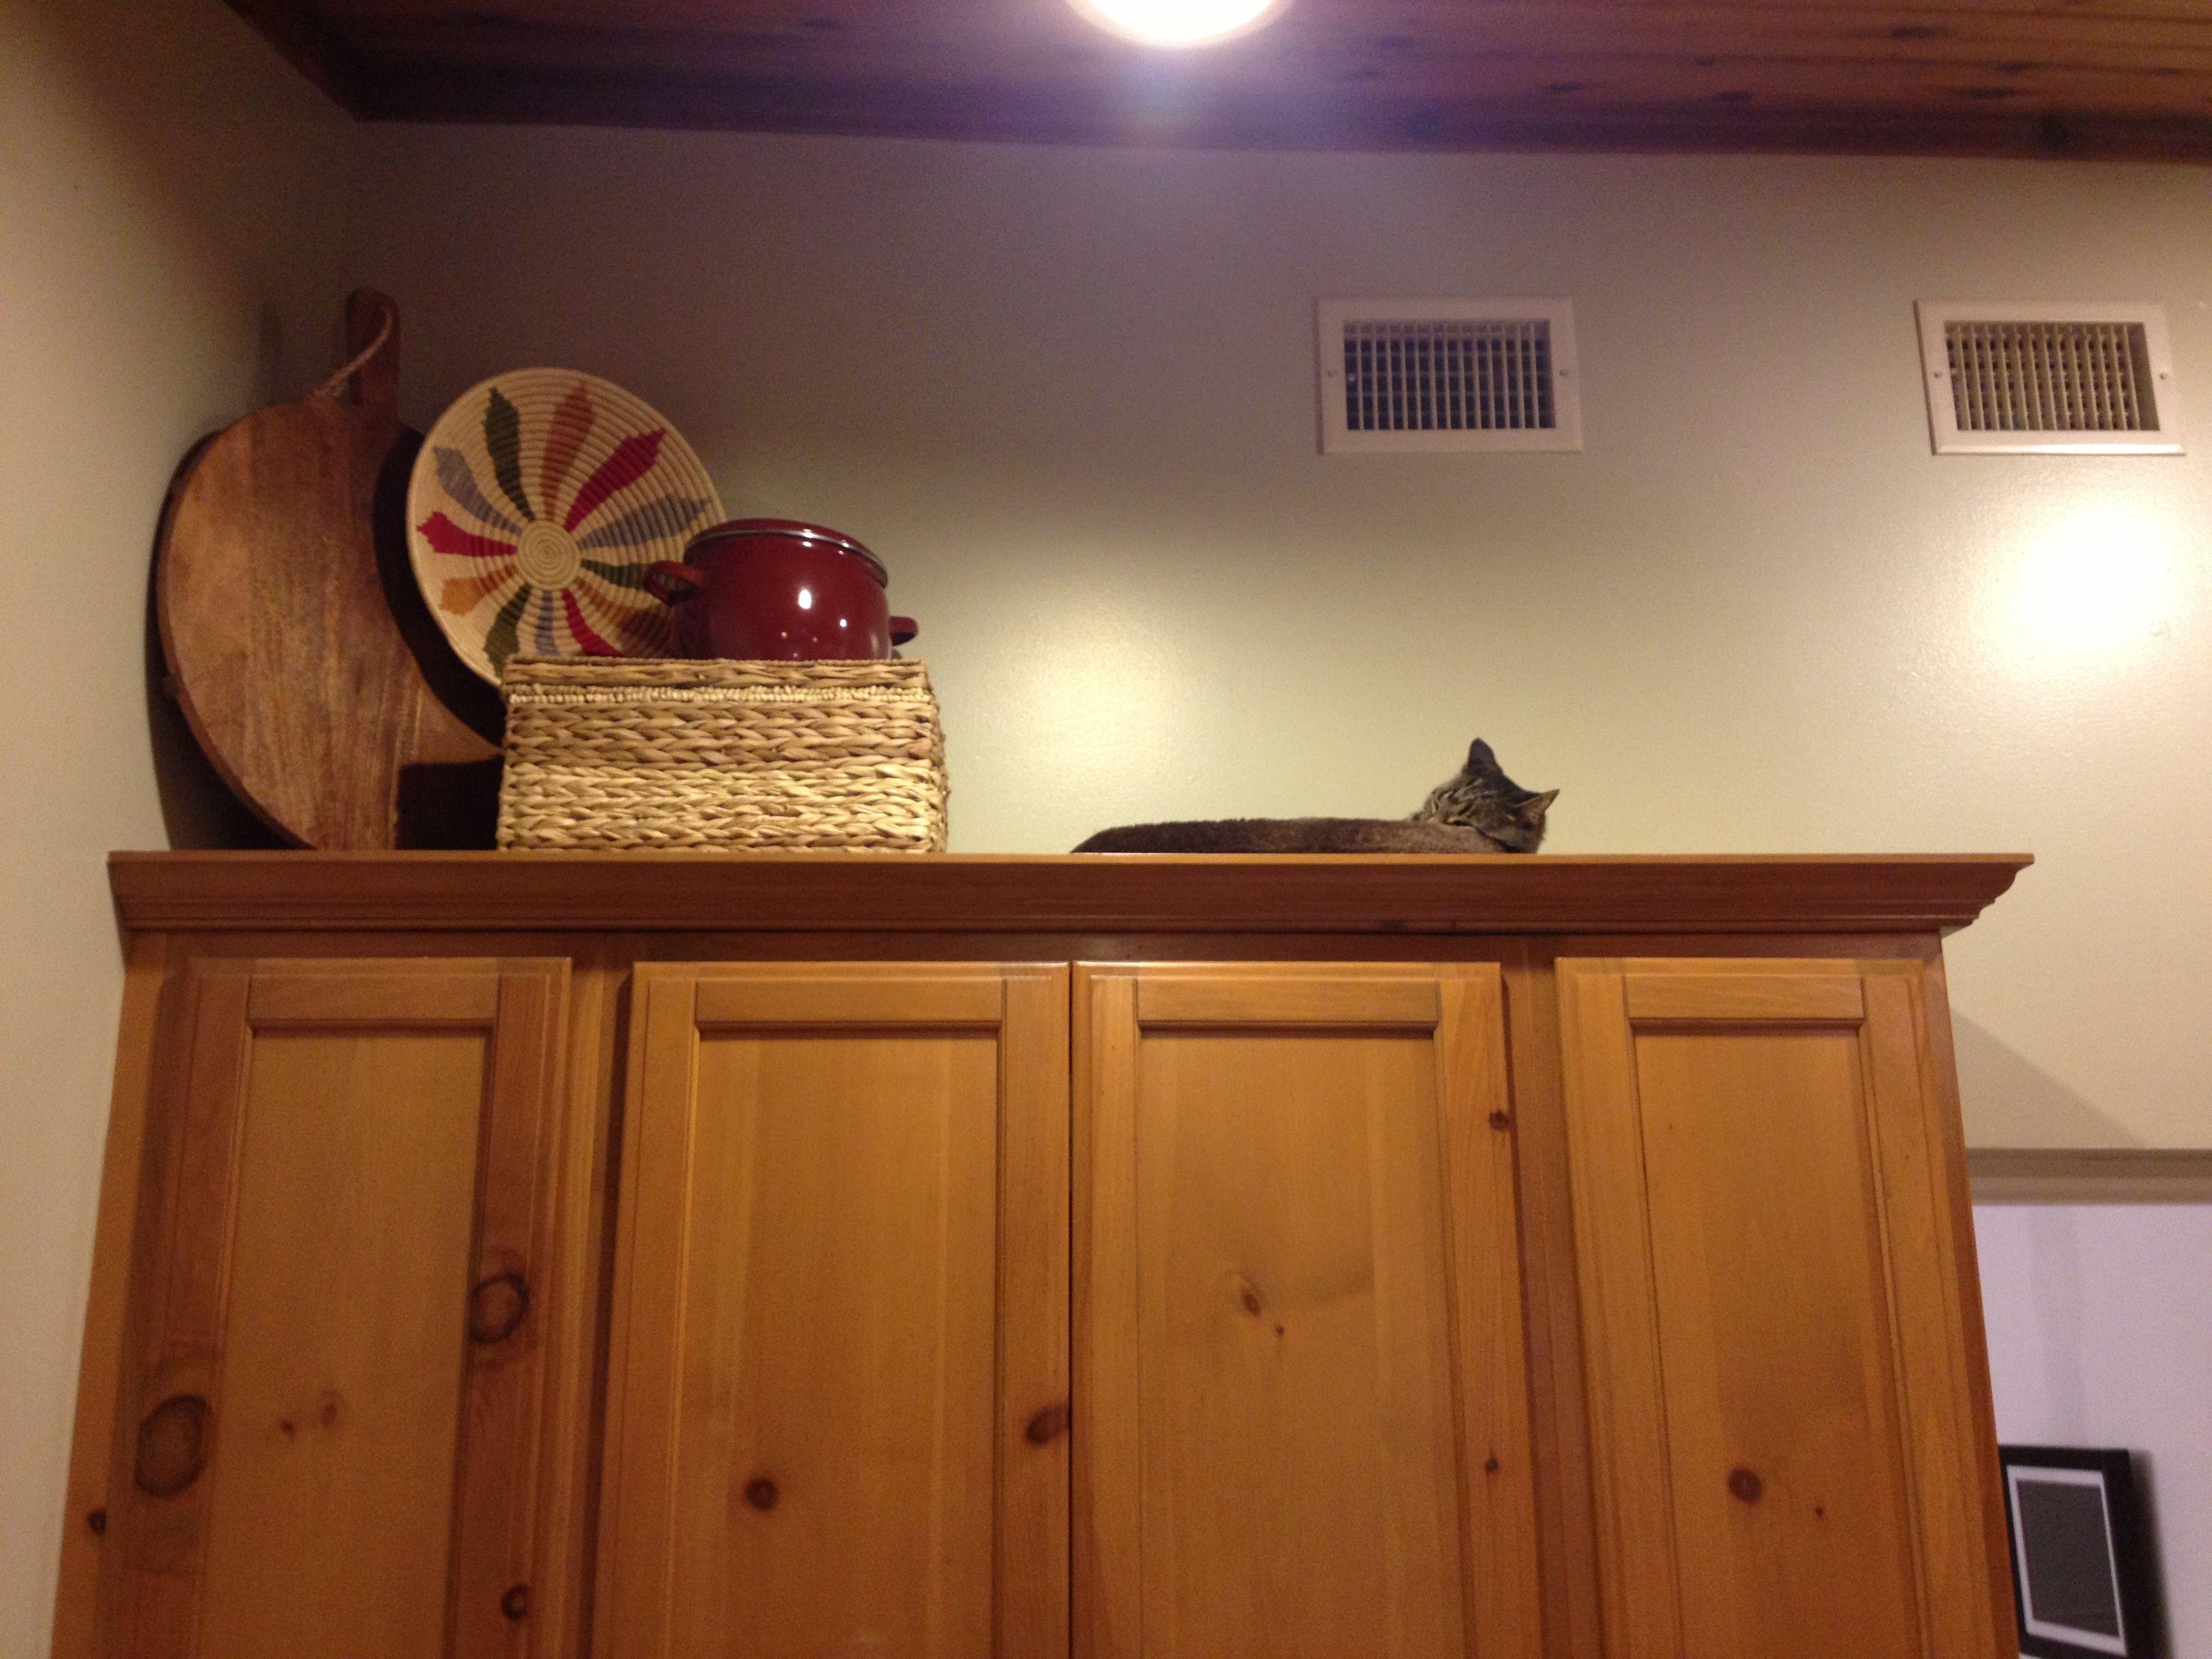 Kitchen Above Cabinet Basket Decor 697 Kitchen